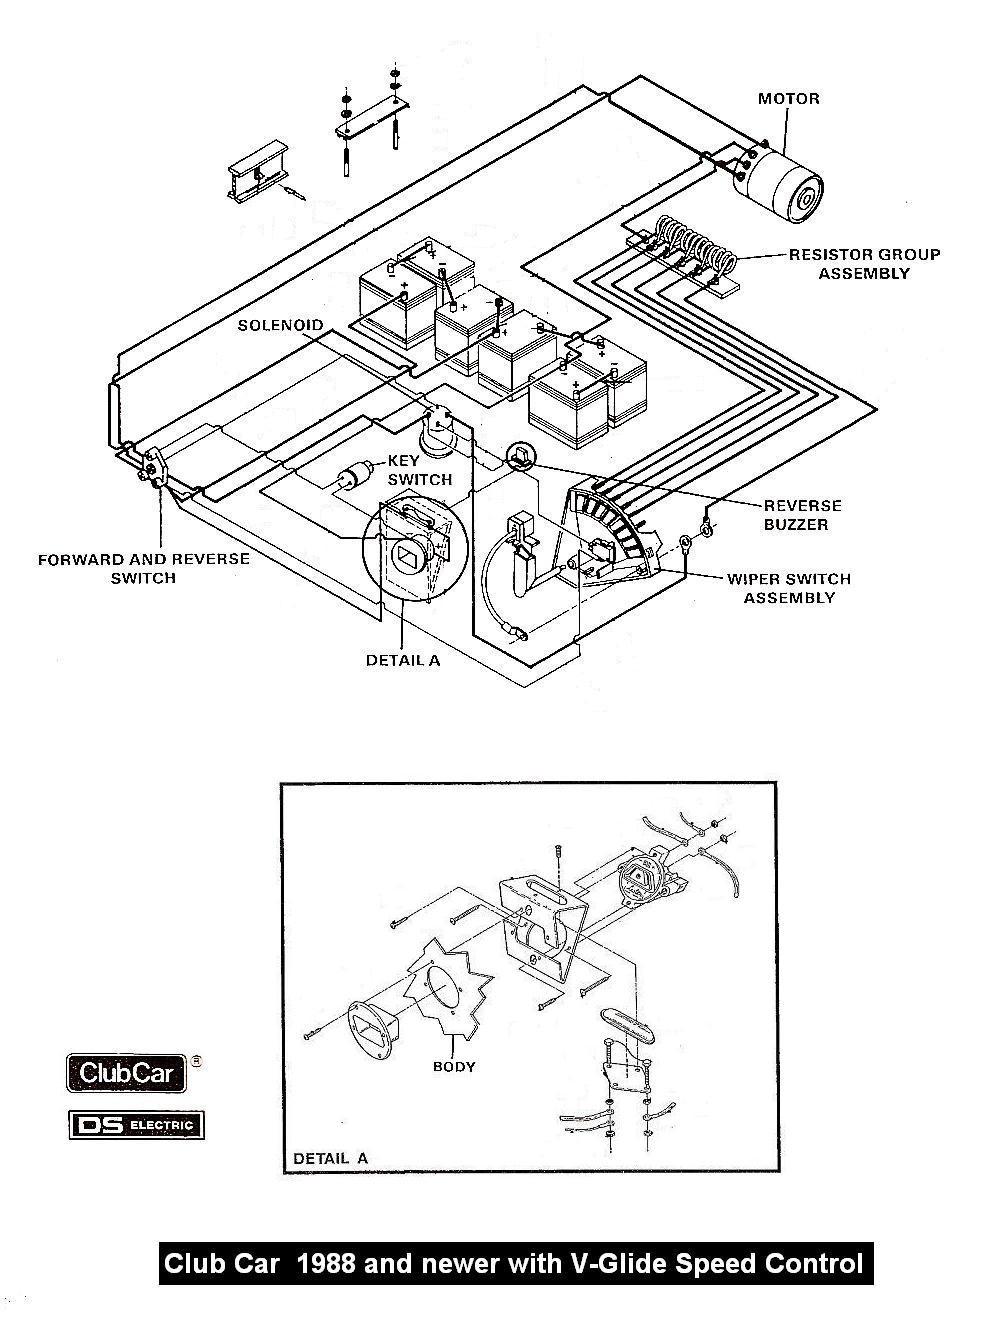 Inspiring Latest 93 Club Car Wiring Diagram size